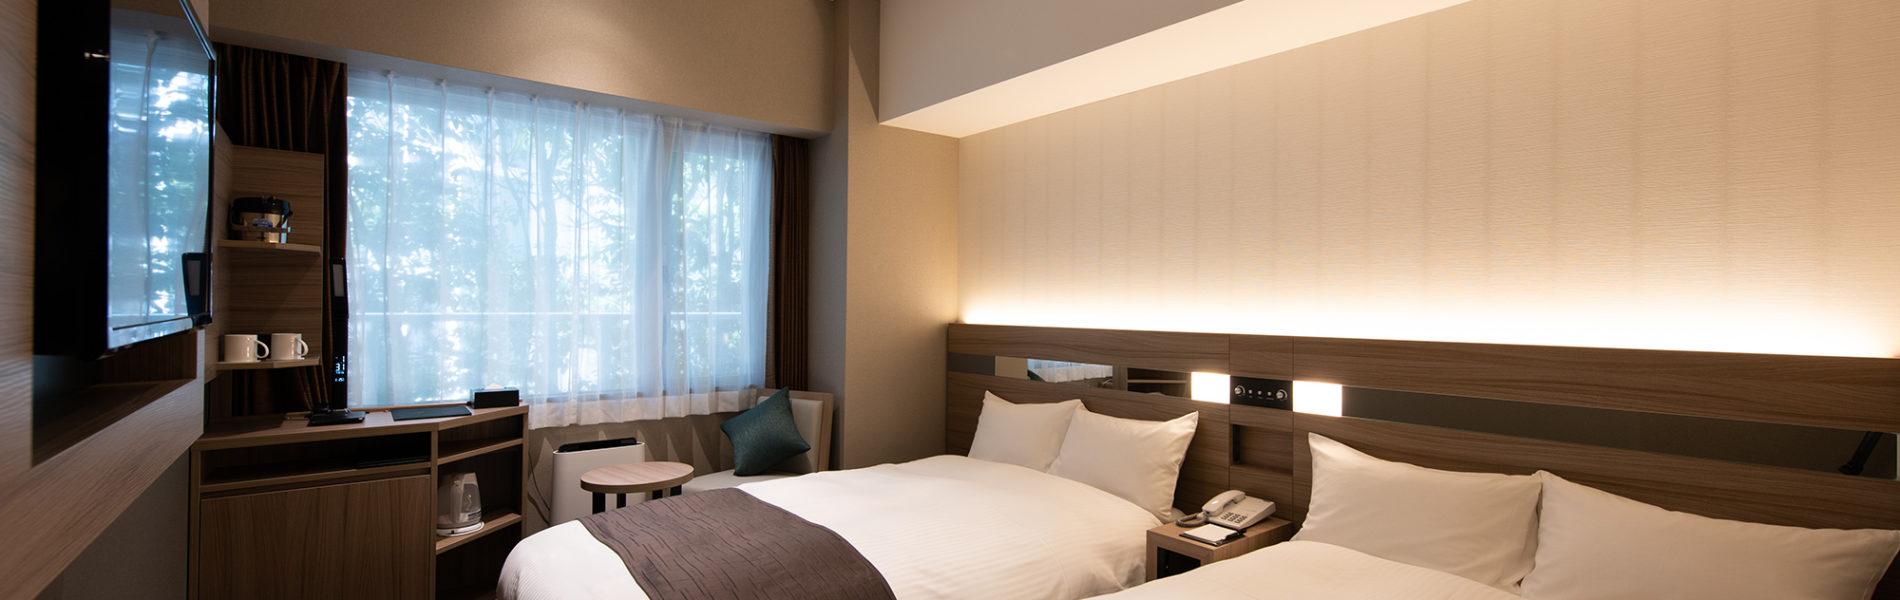 ホテルヒューイット甲子園②客室s